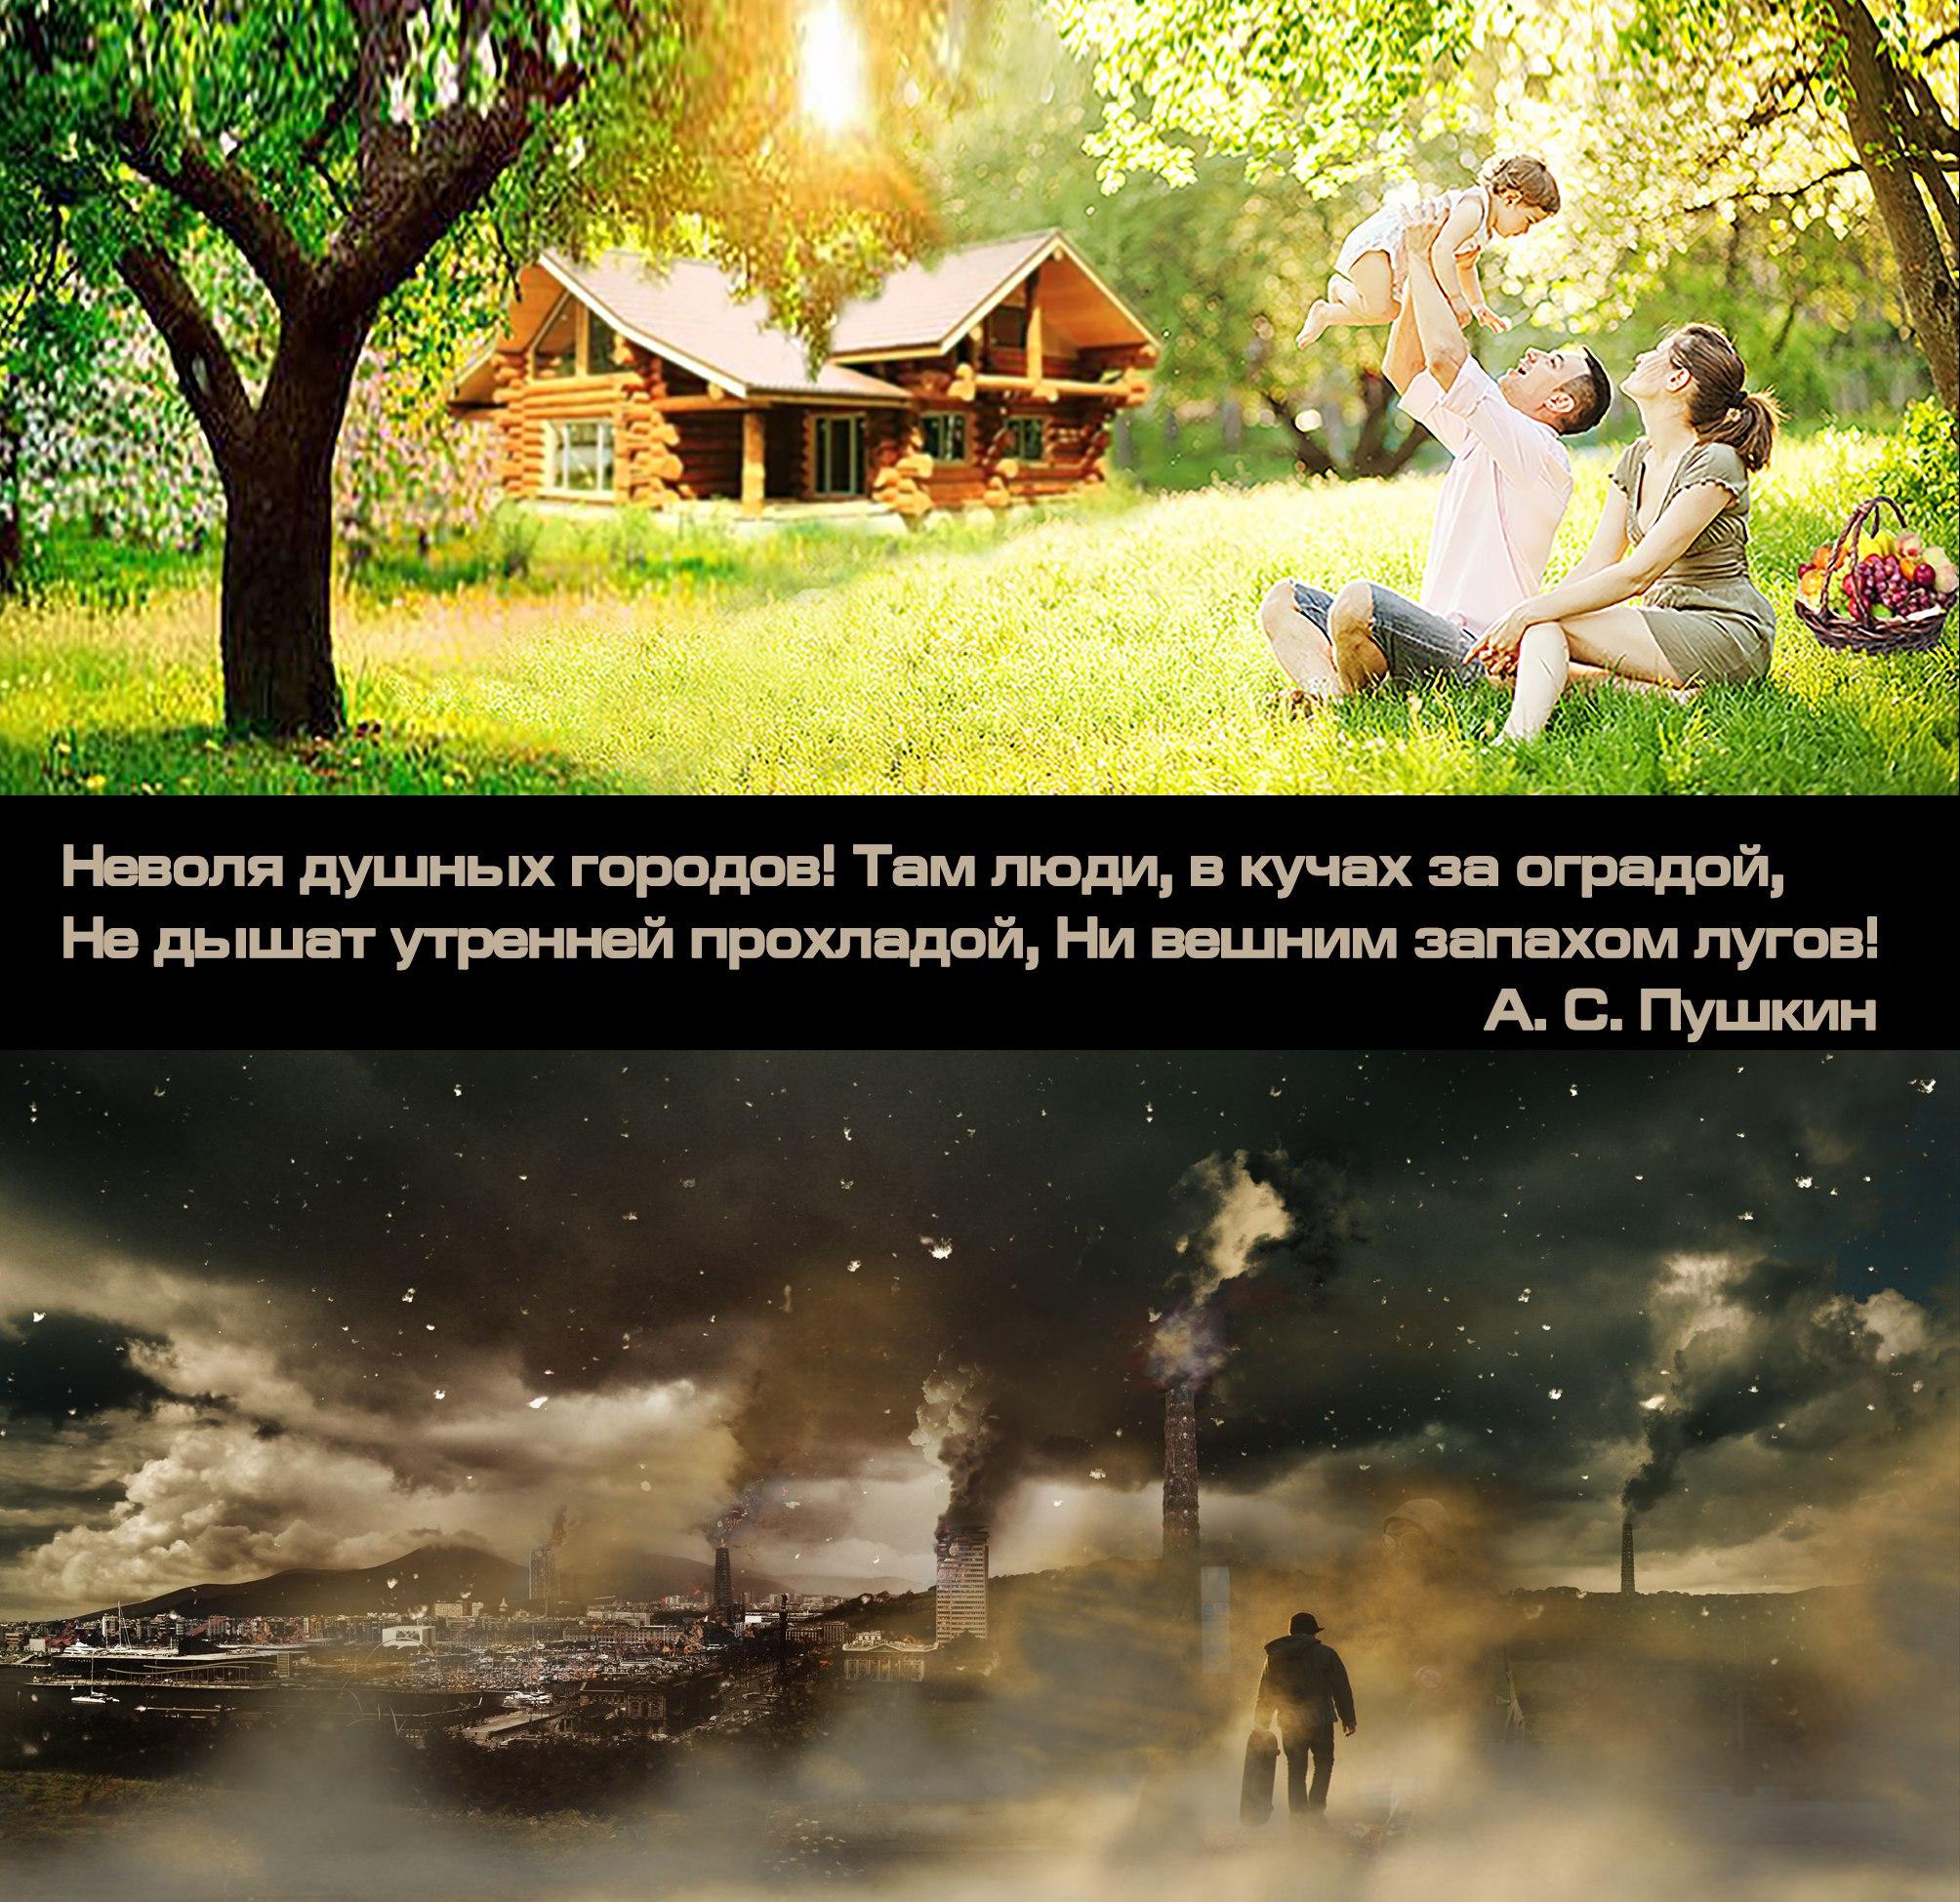 """5y5knankpcA - СветВМир.ру - Интересный познавательный журнал. Развитие познания - """"Не дышат утренней прохладой, ни вешним запахом лугов!"""" - А.С. Пушкин"""